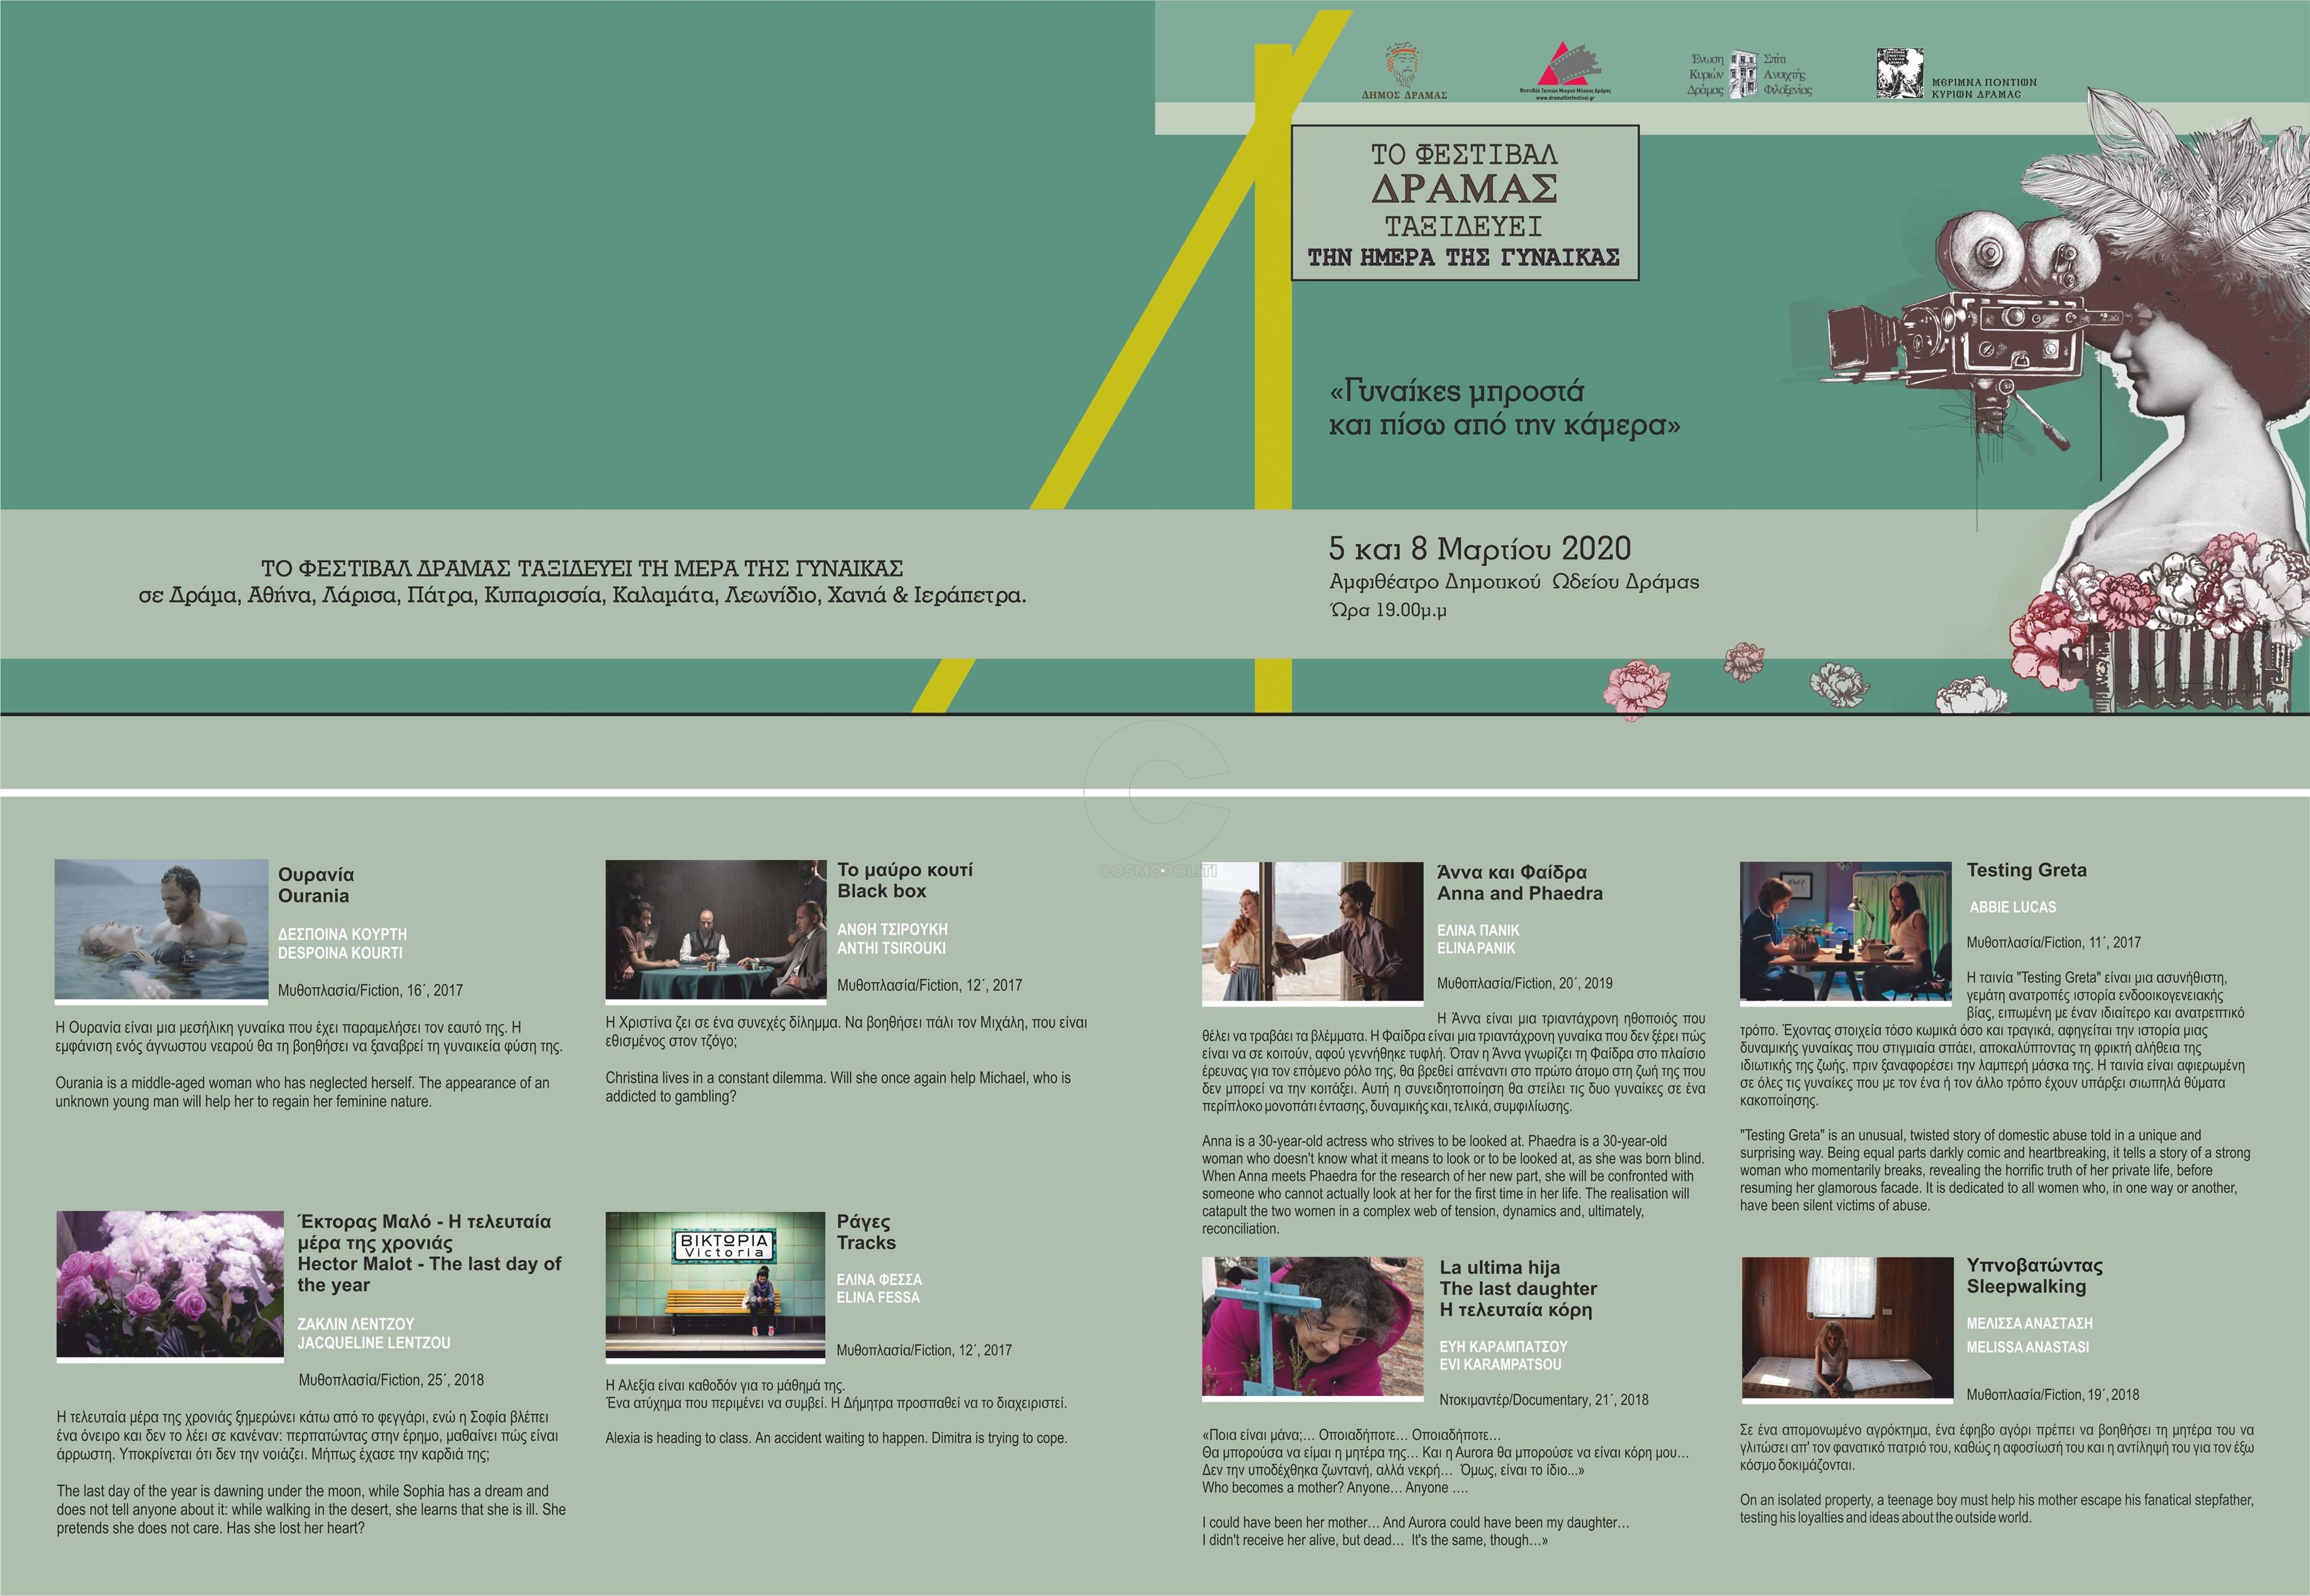 Προγραμμα Εκδήλωση Δραμα 5&8 Μαρτ